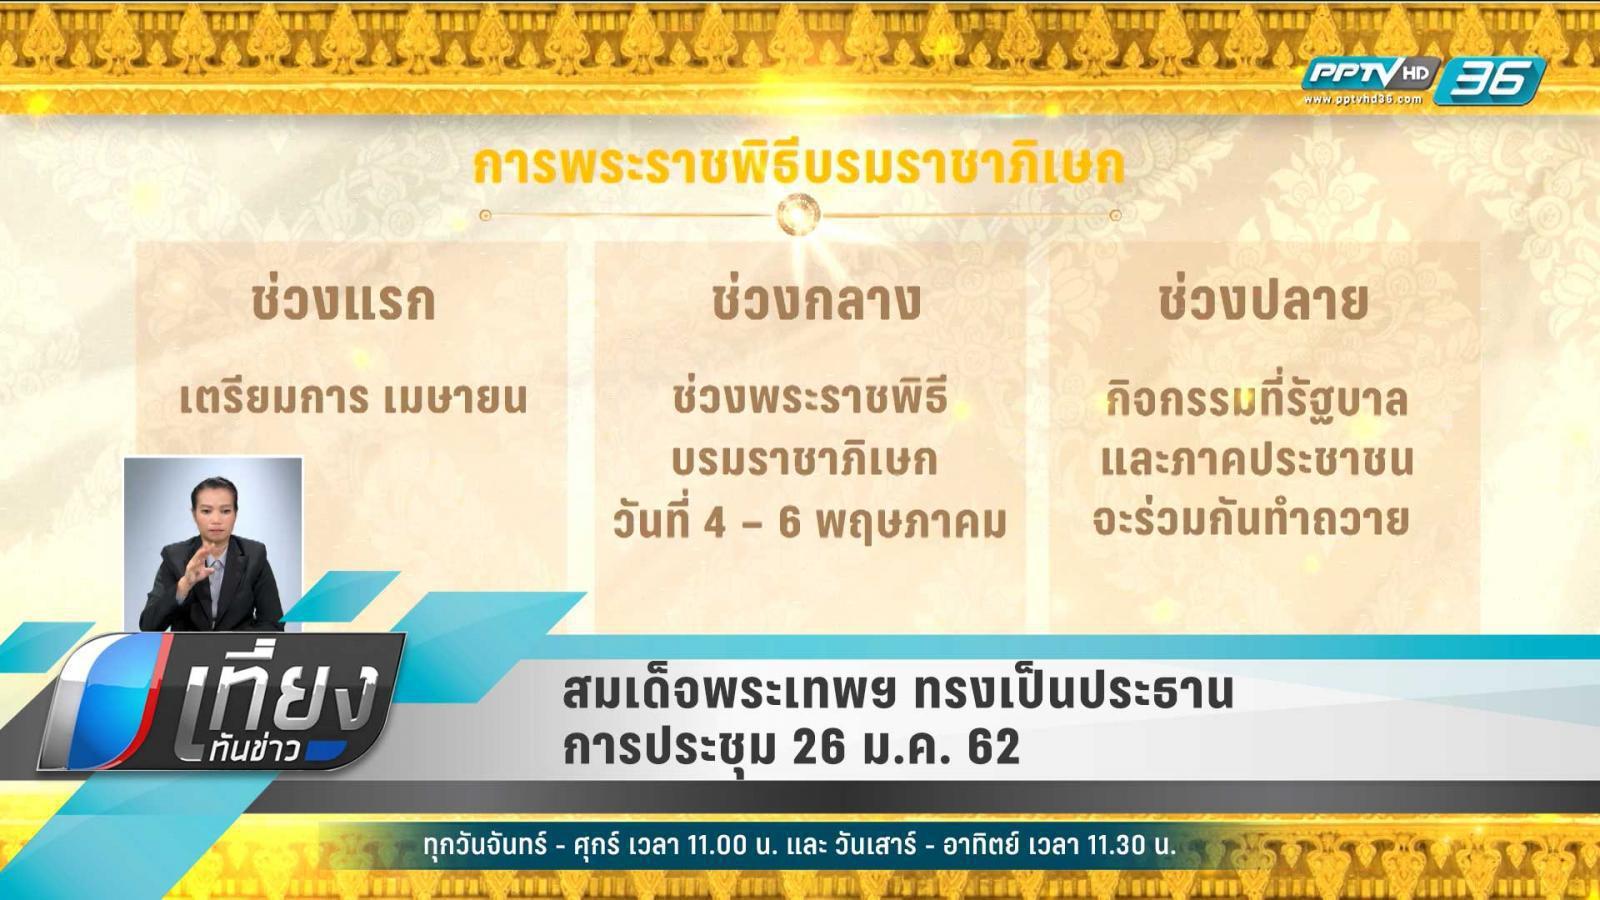 """""""สมเด็จพระเทพฯ"""" ทรงเป็นประธาน การประชุม พระราชพิธีบรมราชาภิเษก 26 ม.ค.62"""